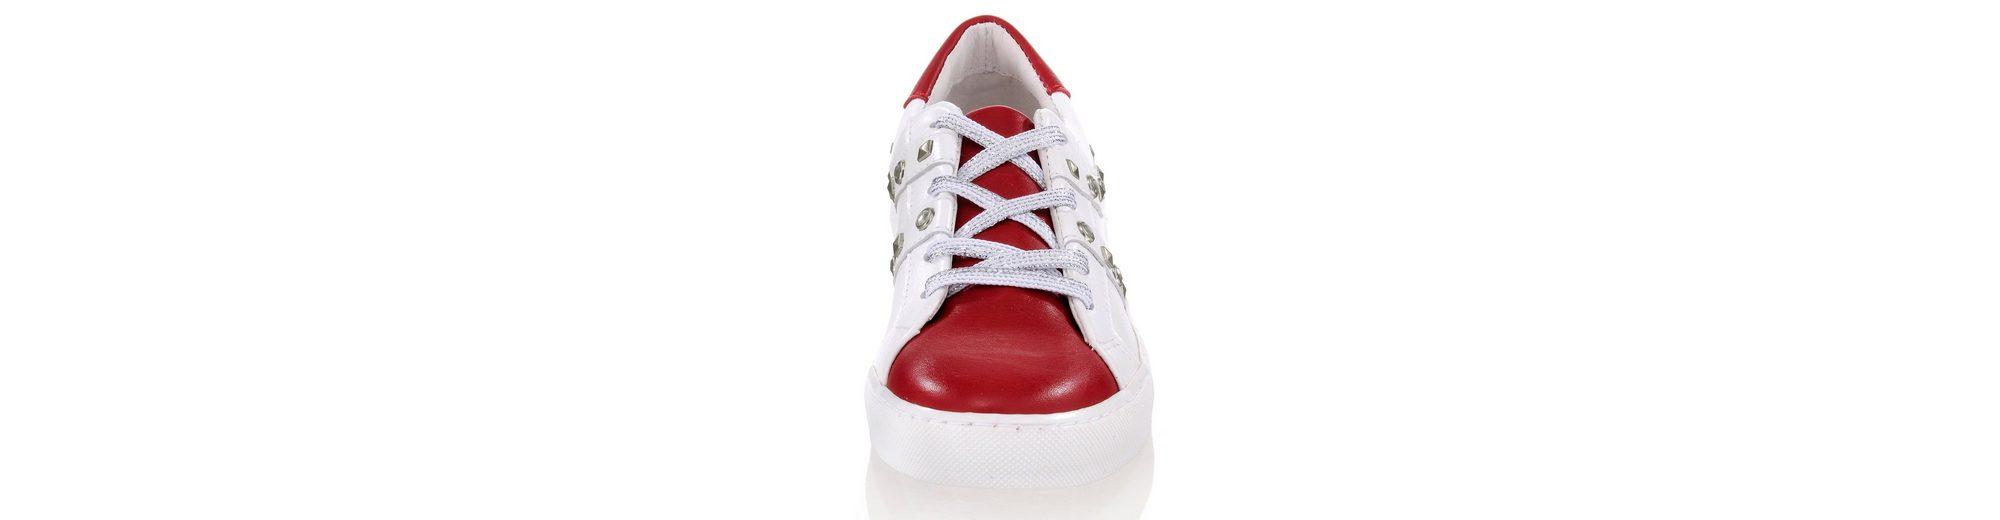 Günstig Kaufen 2018 Neue Neue Stile Günstiger Preis Alba Moda Sneaker mit silberfarbenen Nieten Empfehlen Rabatt Freies Verschiffen 100% Authentisch Eh62b